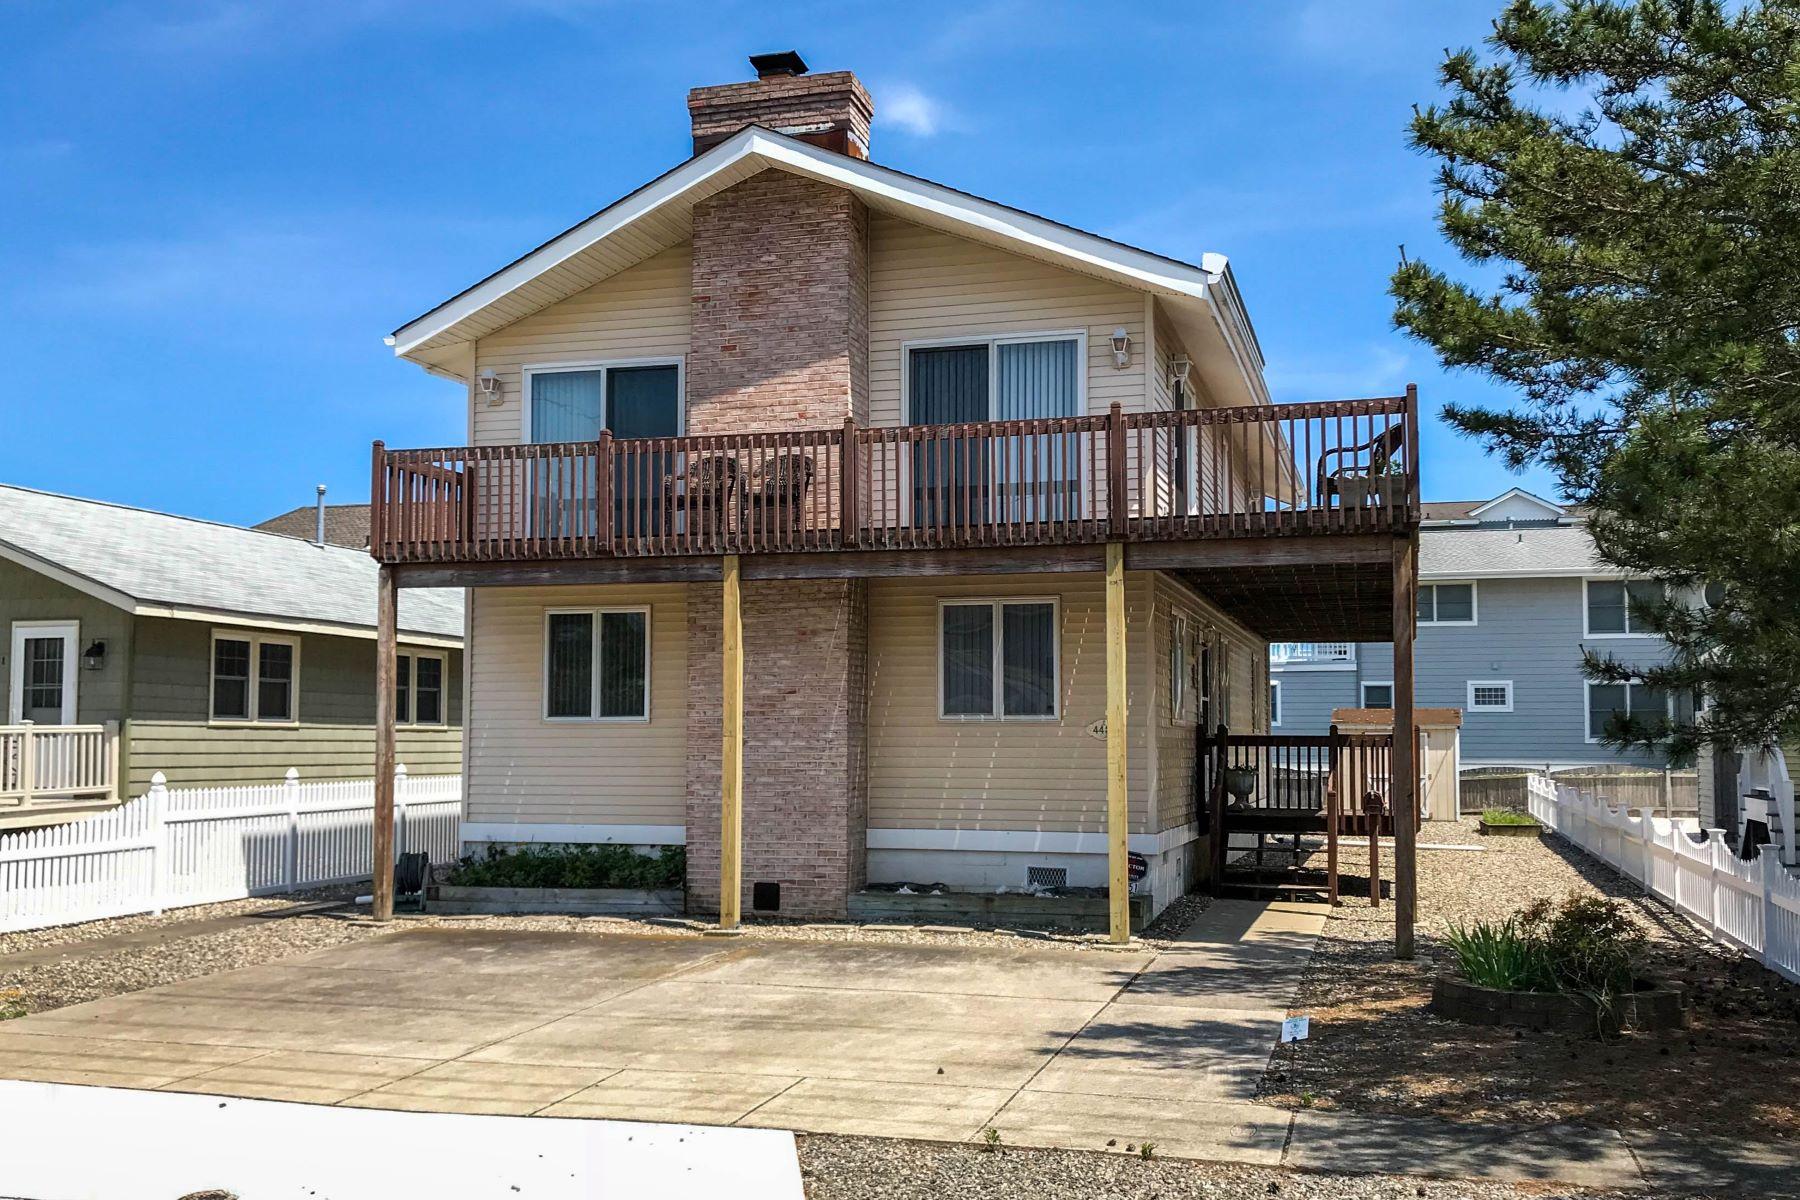 단독 가정 주택 용 매매 에 Ocean Drive Classic 4451 Ocean Drive, Avalon, 뉴저지 08202 미국